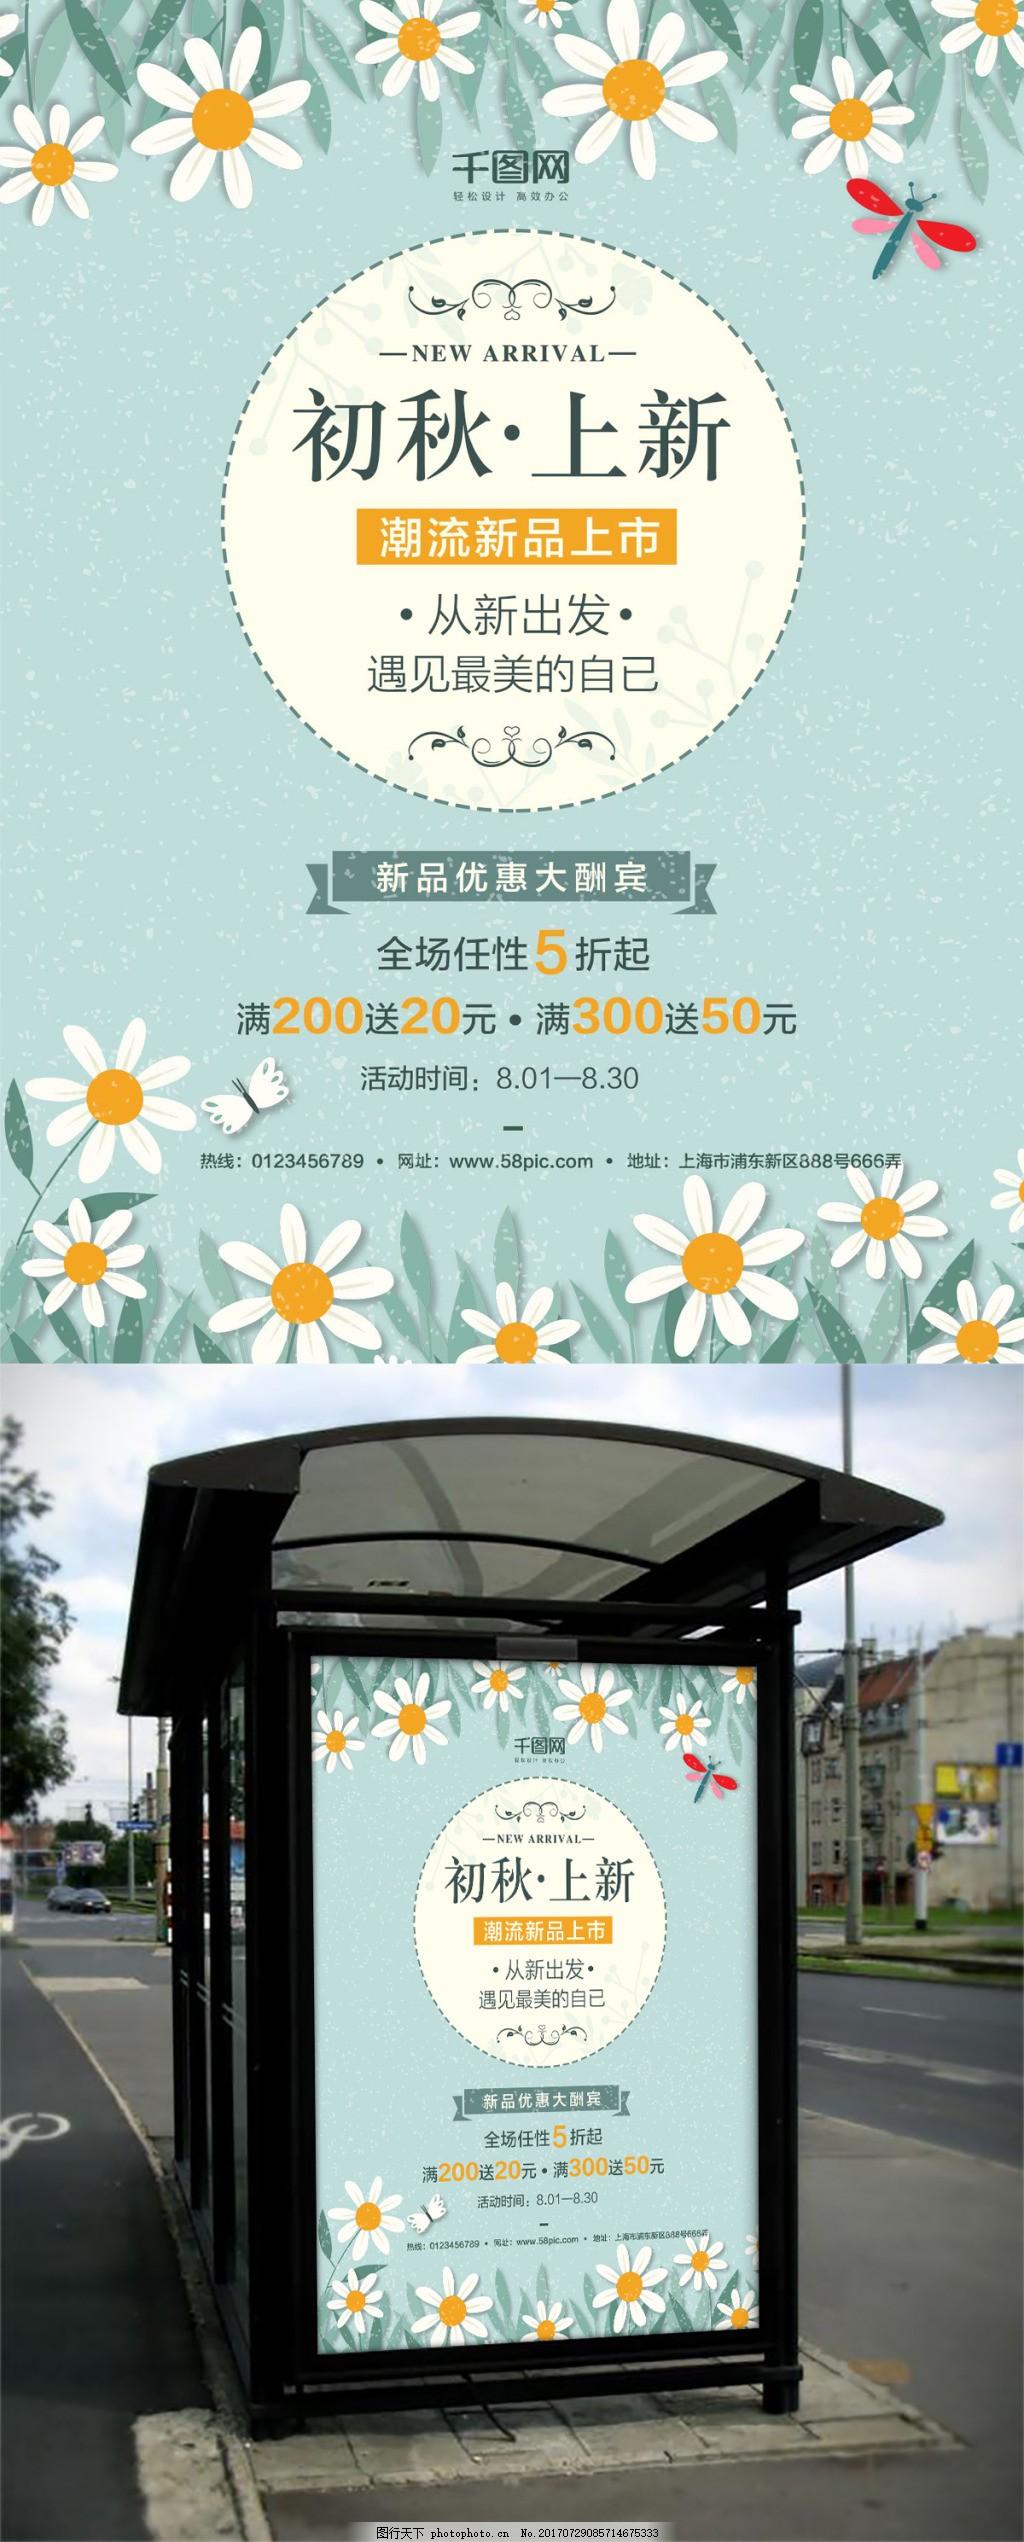 清新花朵秋季丄新促销创意简约商业海报设计